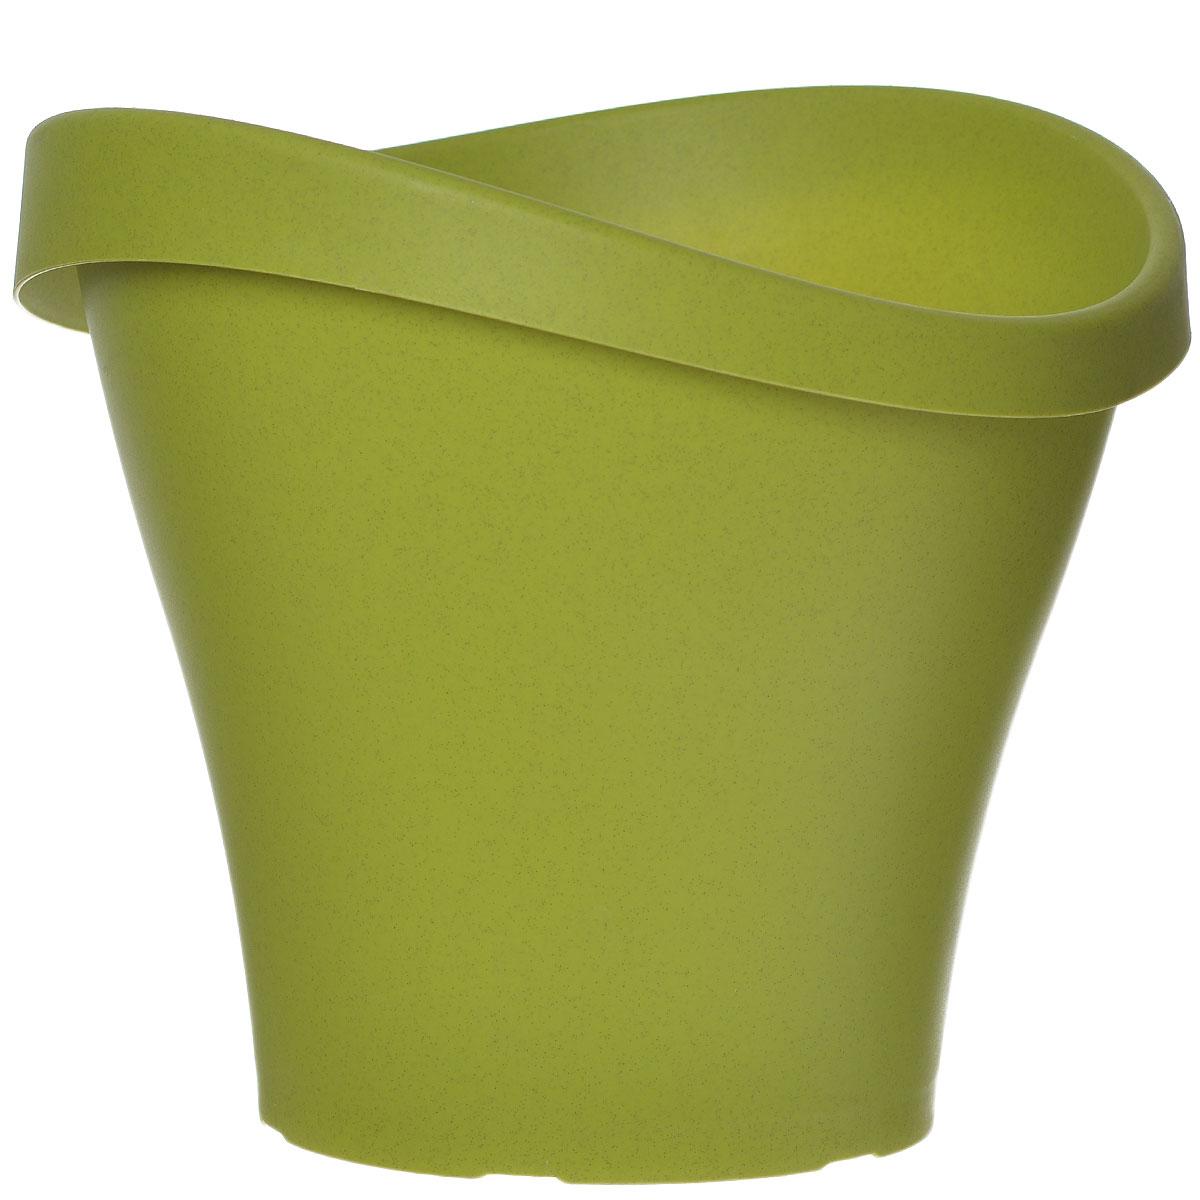 Кашпо для цветов Scheurich, цвет: натуральный зеленый, 10 л53084SКашпо для цветов Scheurich выполнено из прочного пластика. Изделие предназначено для установки внутрь цветочных горшков с растениями.Такие изделия часто становятся последним штрихом, который совершенно изменяет интерьер помещения или ландшафтный дизайн сада. Благодаря такому кашпо вы сможете украсить вашу комнату, офис, сад и другие места.Размер: 33 см х 33 см х 30 см.Объем: 10 л.